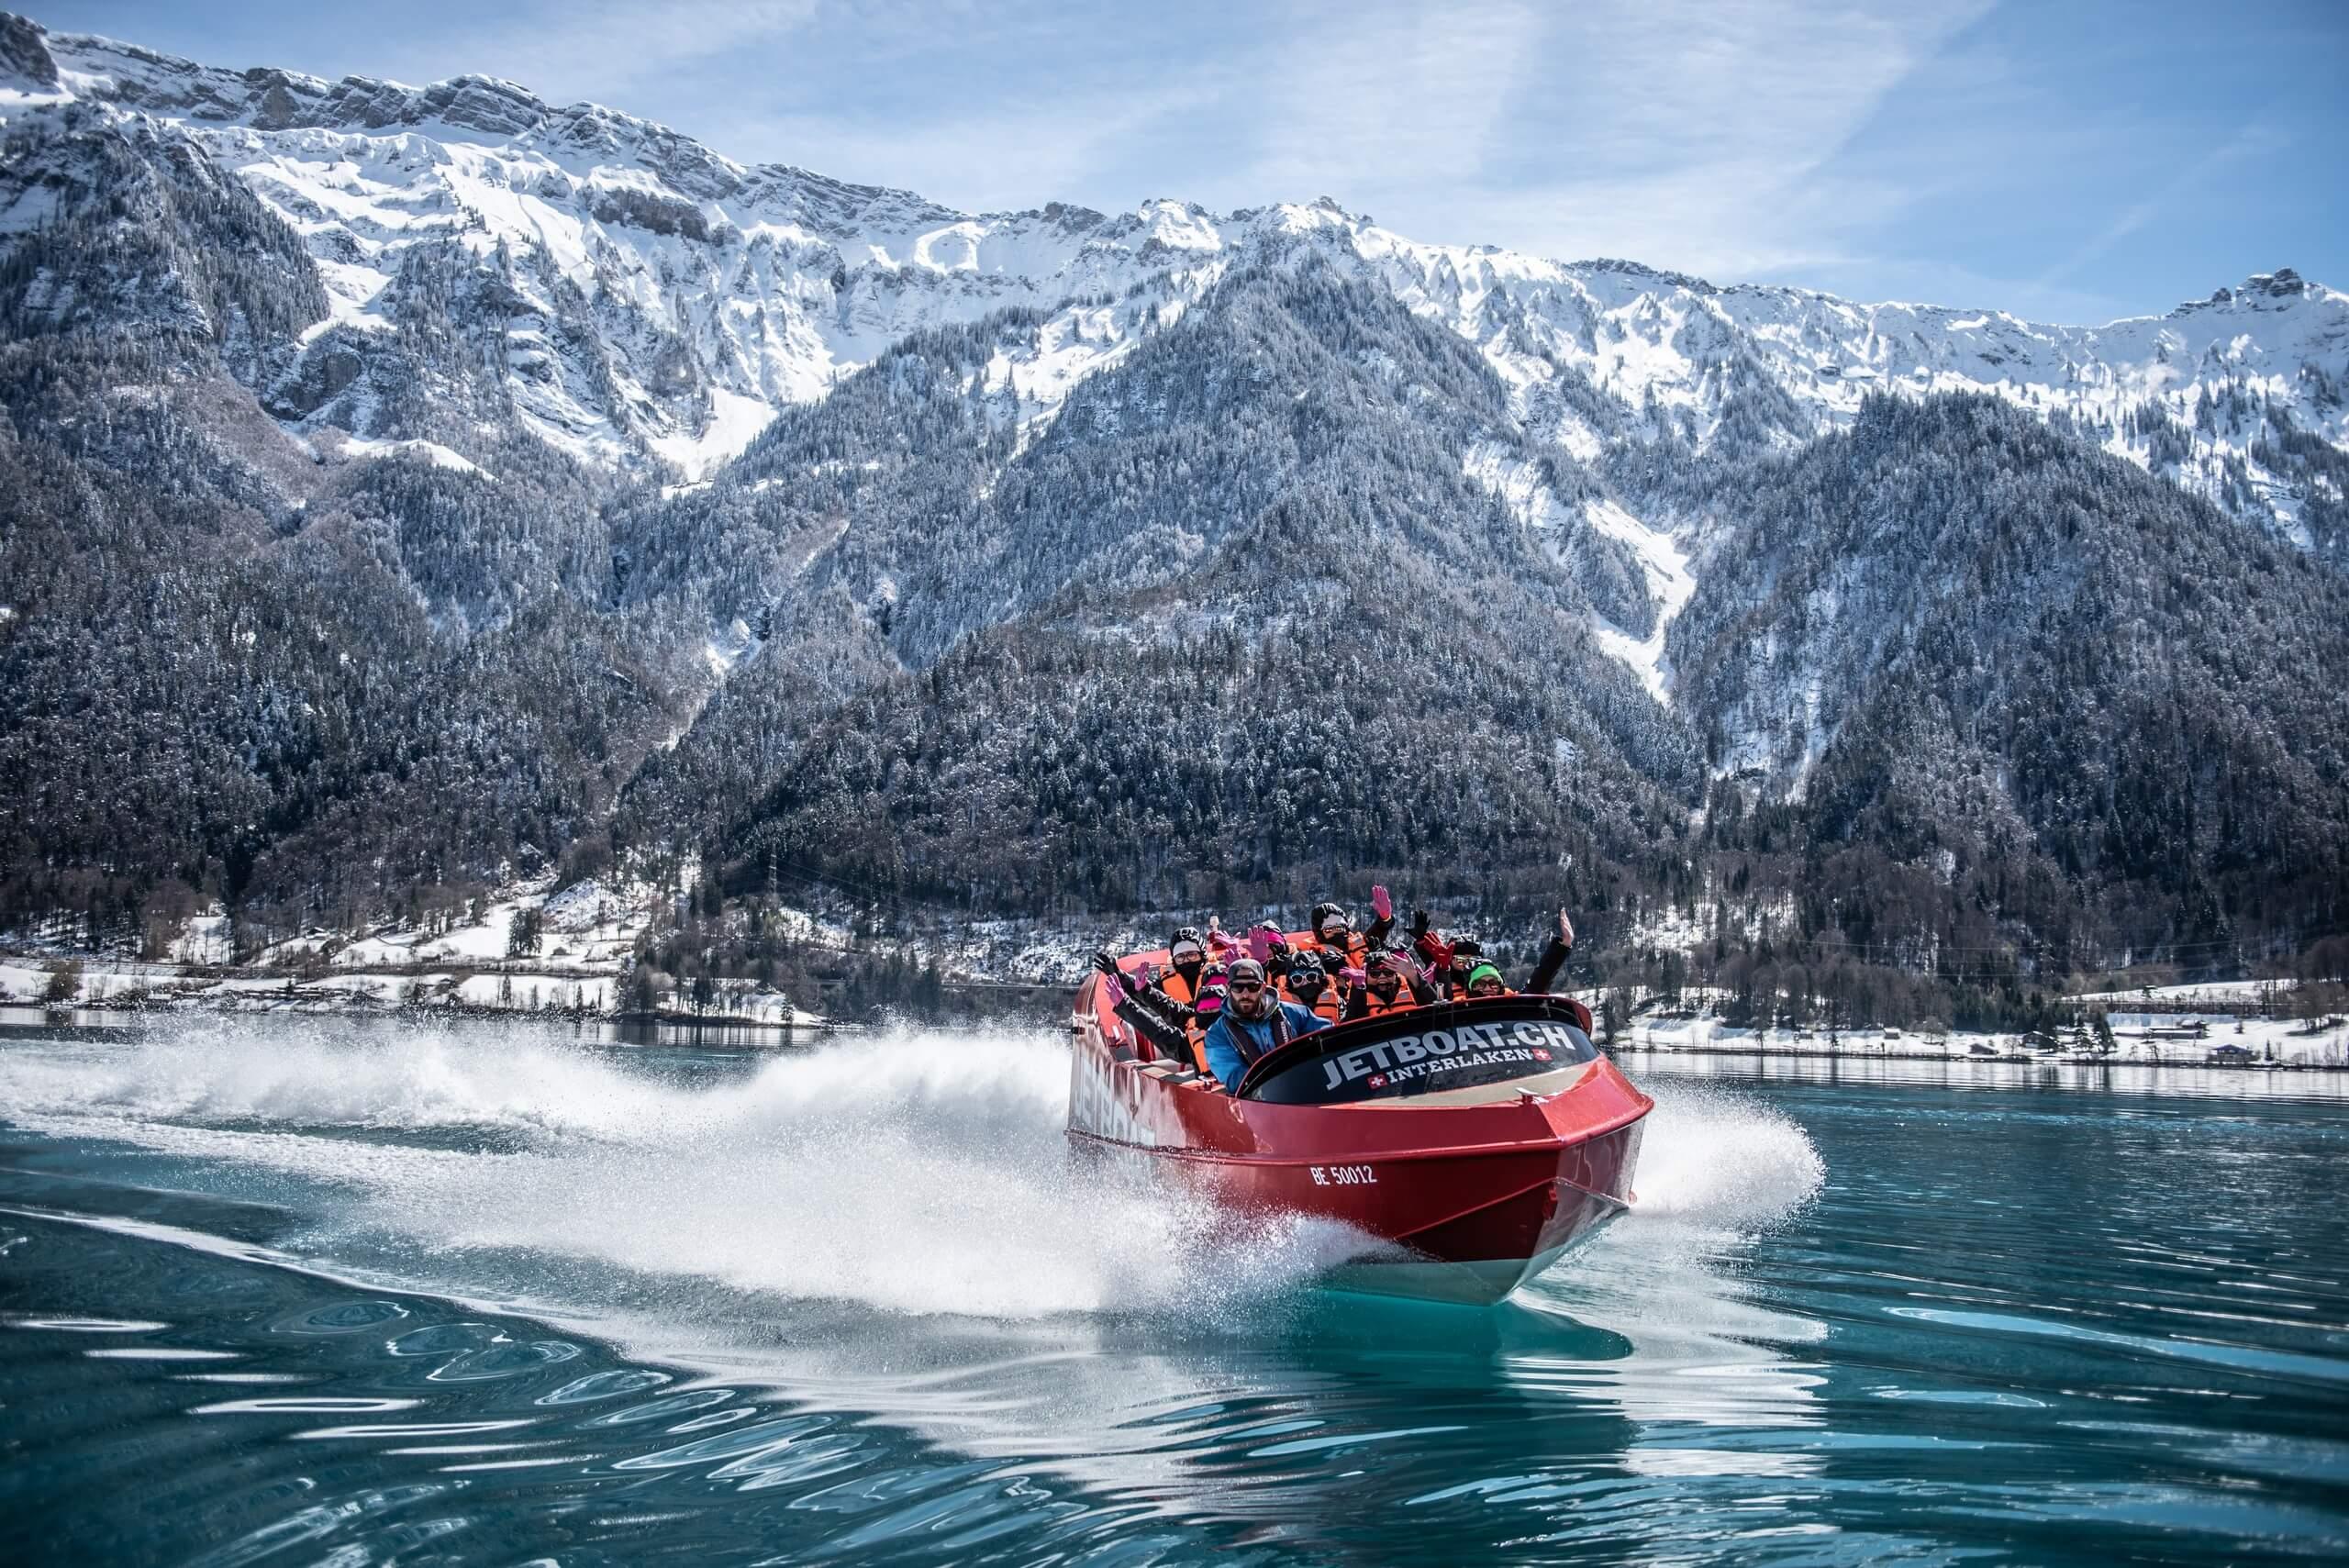 jetboat-winter-brienzersee-schnee-berge.jpg